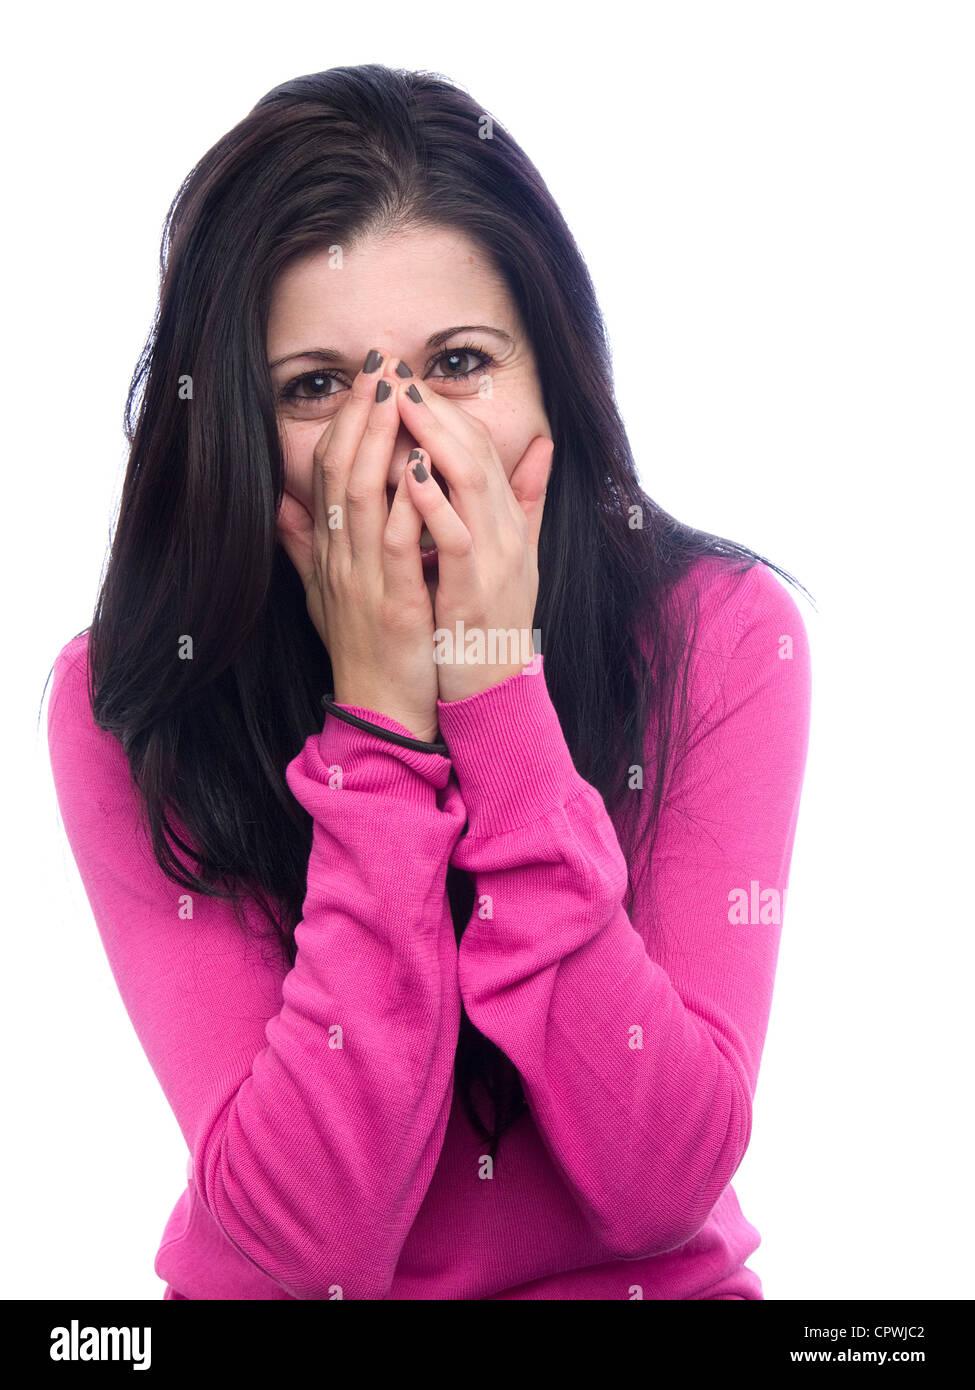 Ritratto di shy giovane donna con le mani che ricopre la faccia Immagini Stock